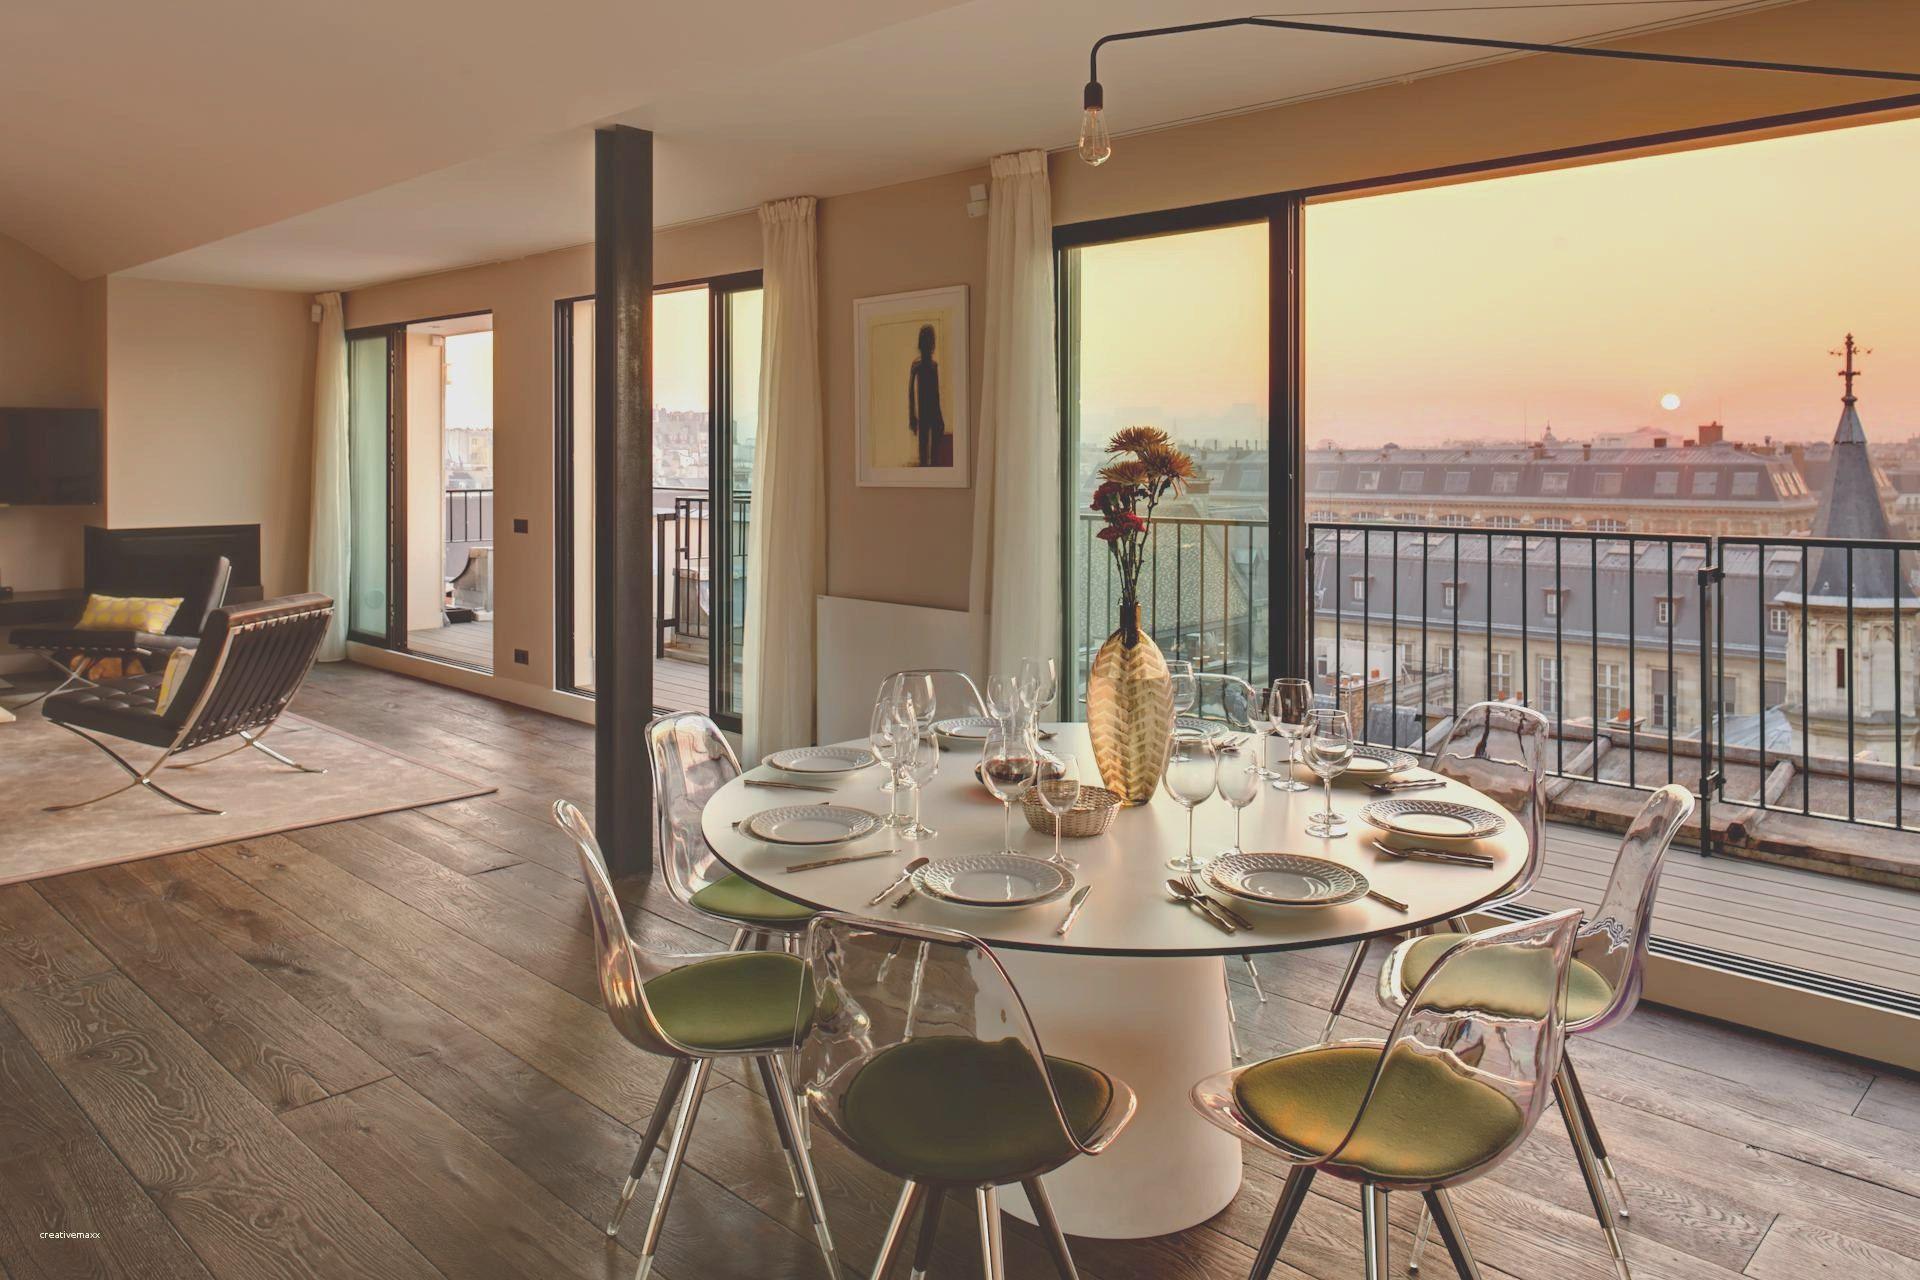 Parisian Dining Room Captivating Luxury 20 Parisian Style Home Dining Rooms  Parisians Luxury Inspiration Design